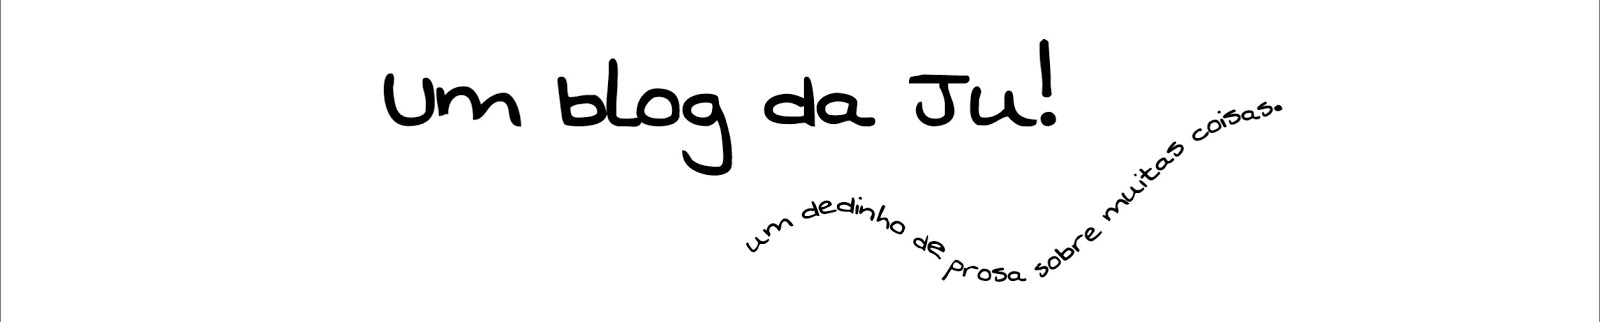 Um blog da Ju!